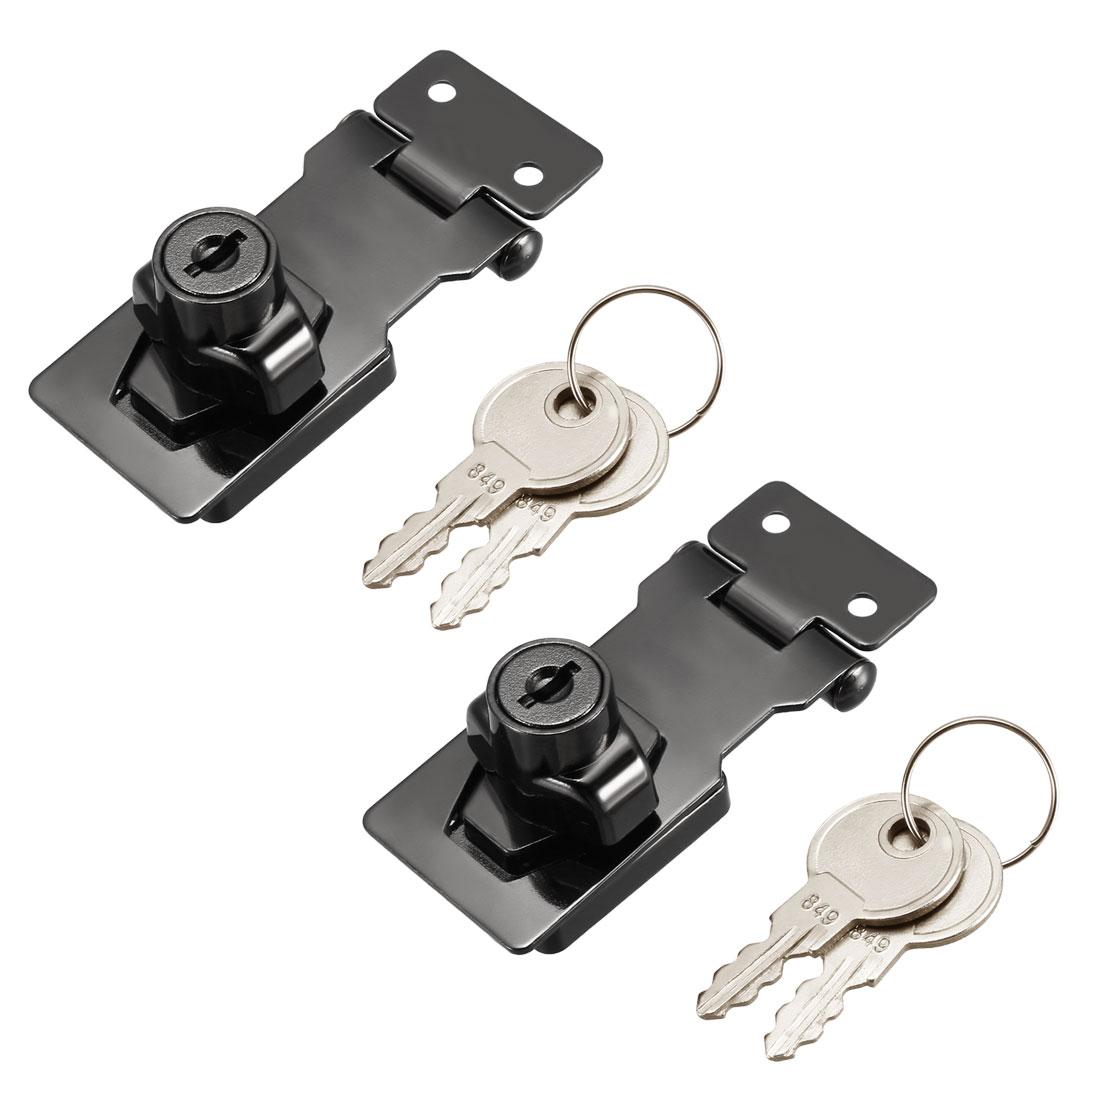 Keyed Hasp Lock 81mm Twist Knob Keyed Locking Hasp Bright Black 2 Pcs